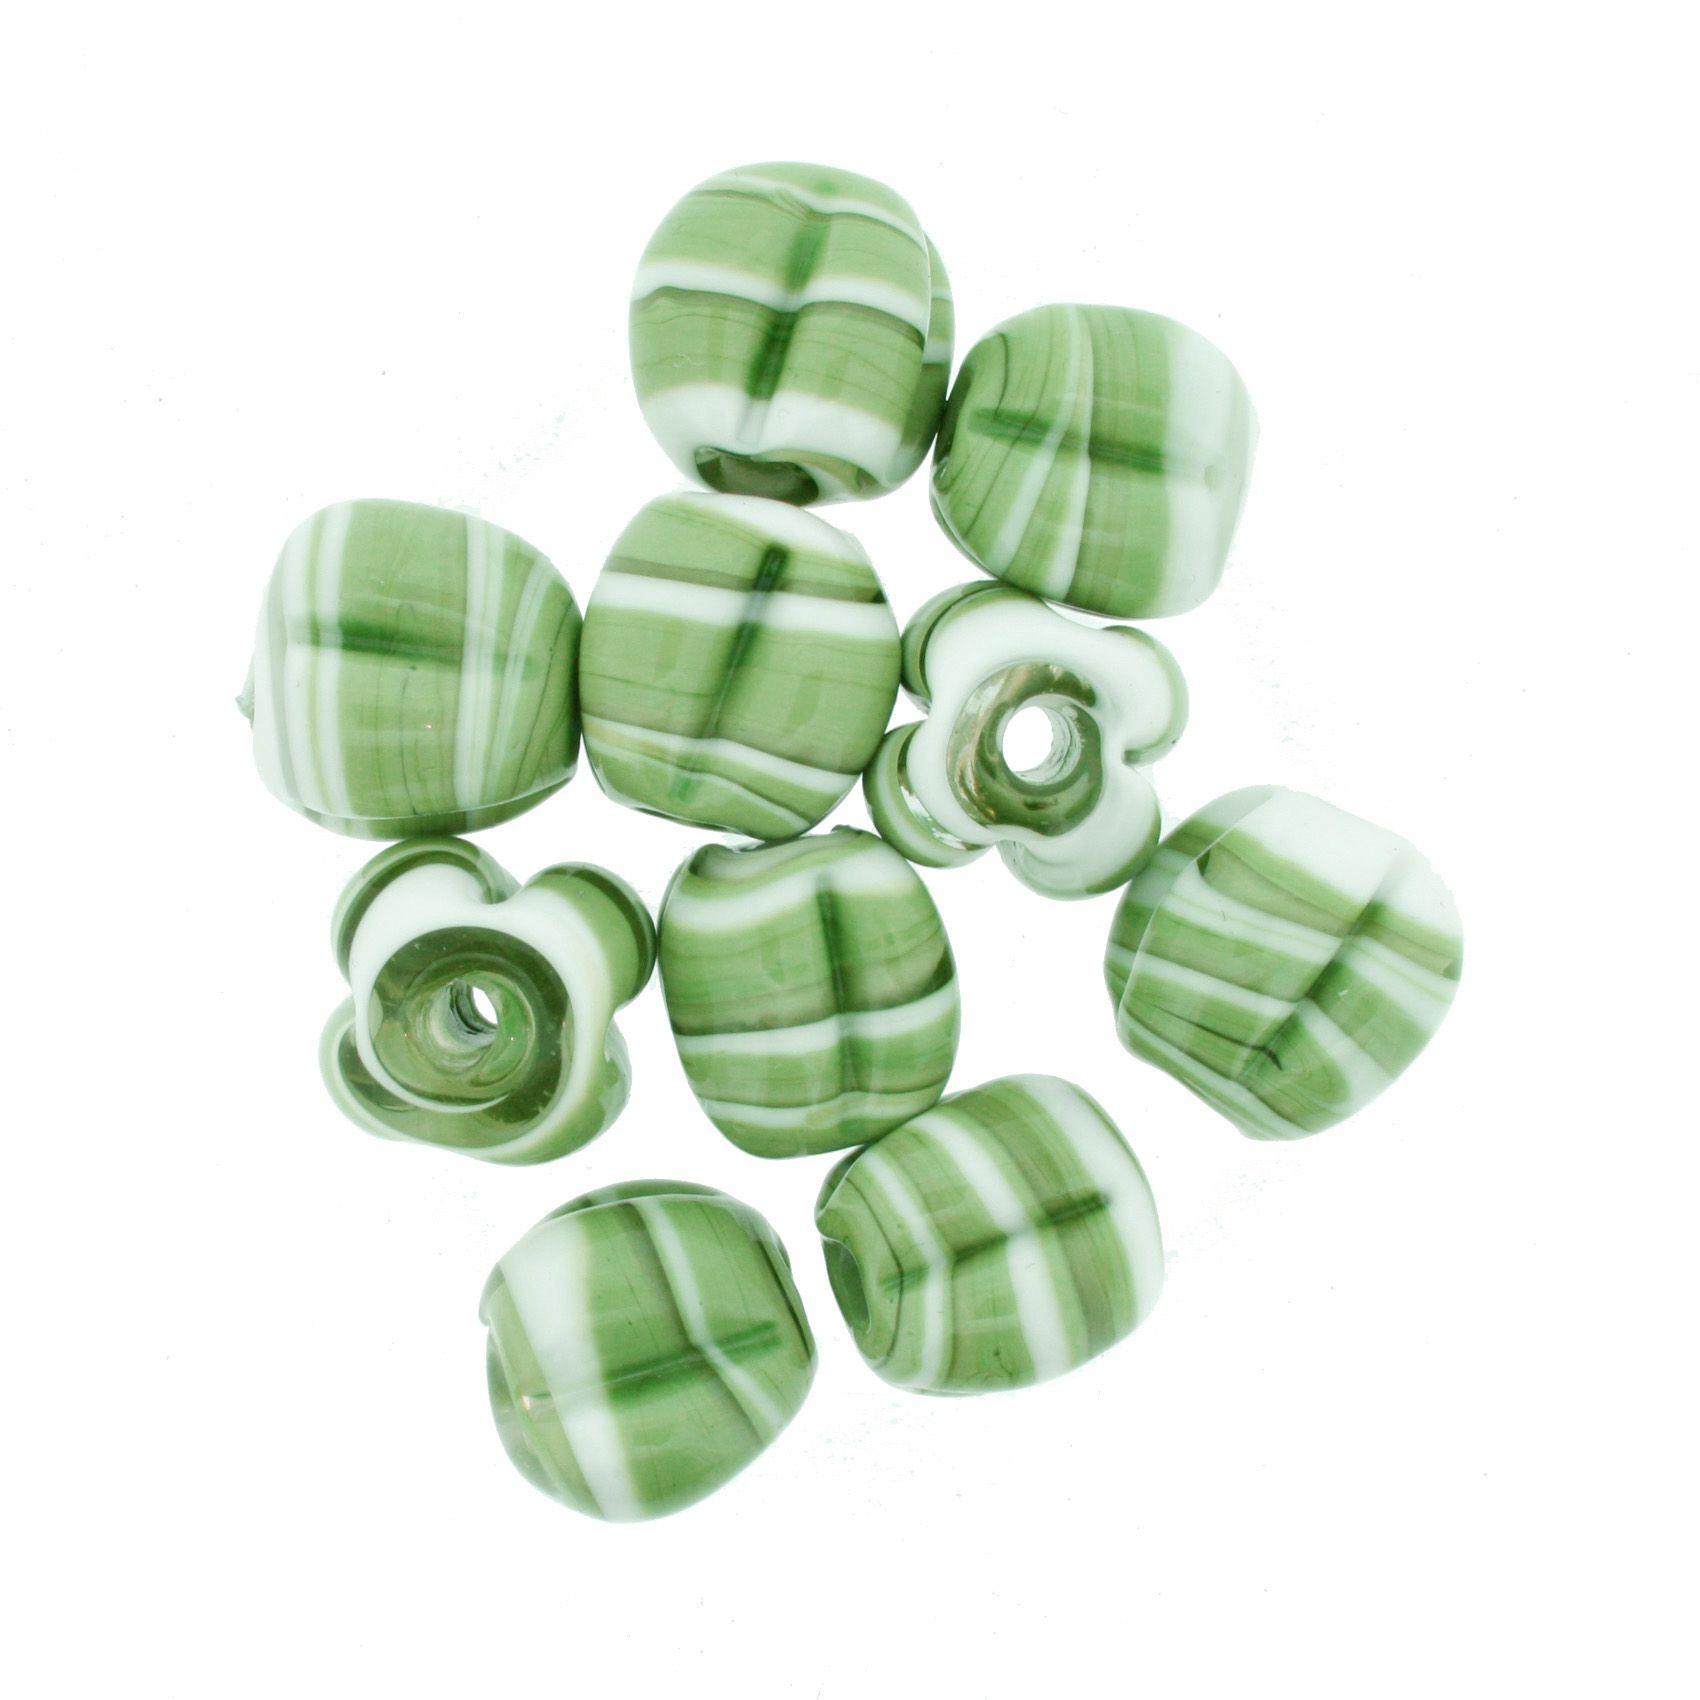 Firma Pitanga - Branca e Verde  - Stéphanie Bijoux® - Peças para Bijuterias e Artesanato